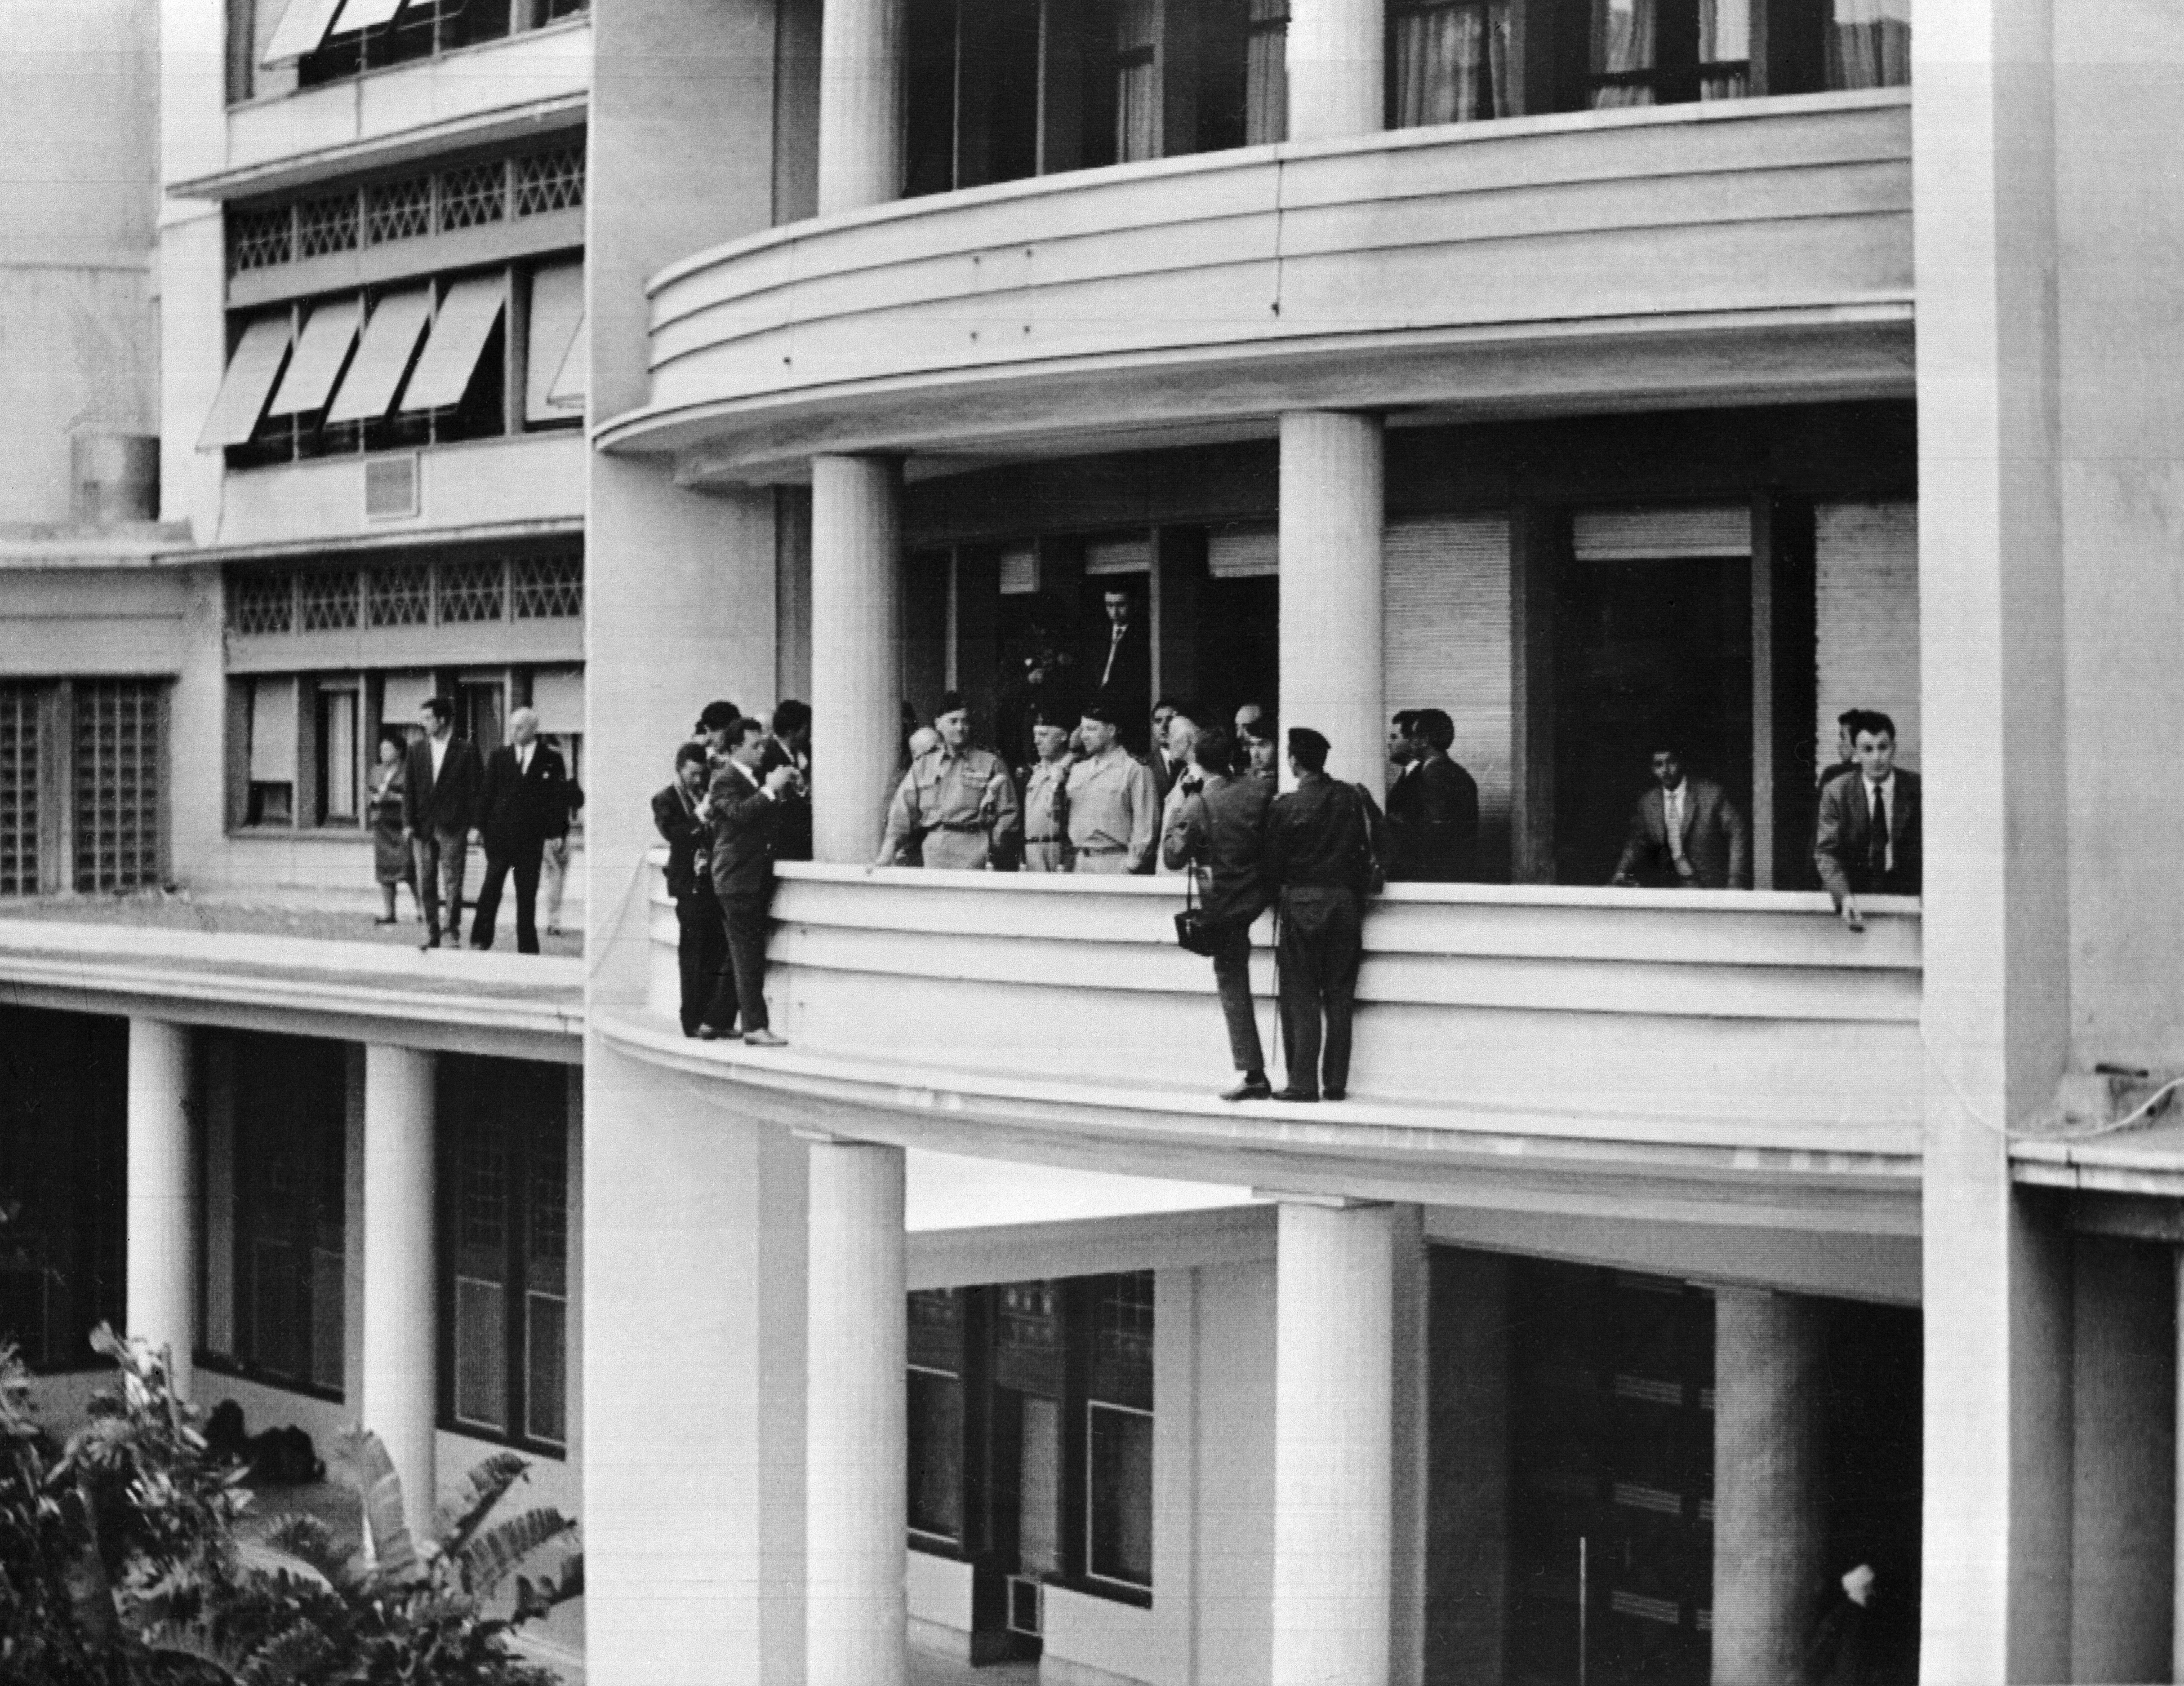 جنرالات فرنسيون في العاصمة الجزائر في 24 أبريل 1961، بعد انقلابهم العسكري ضد ديغول